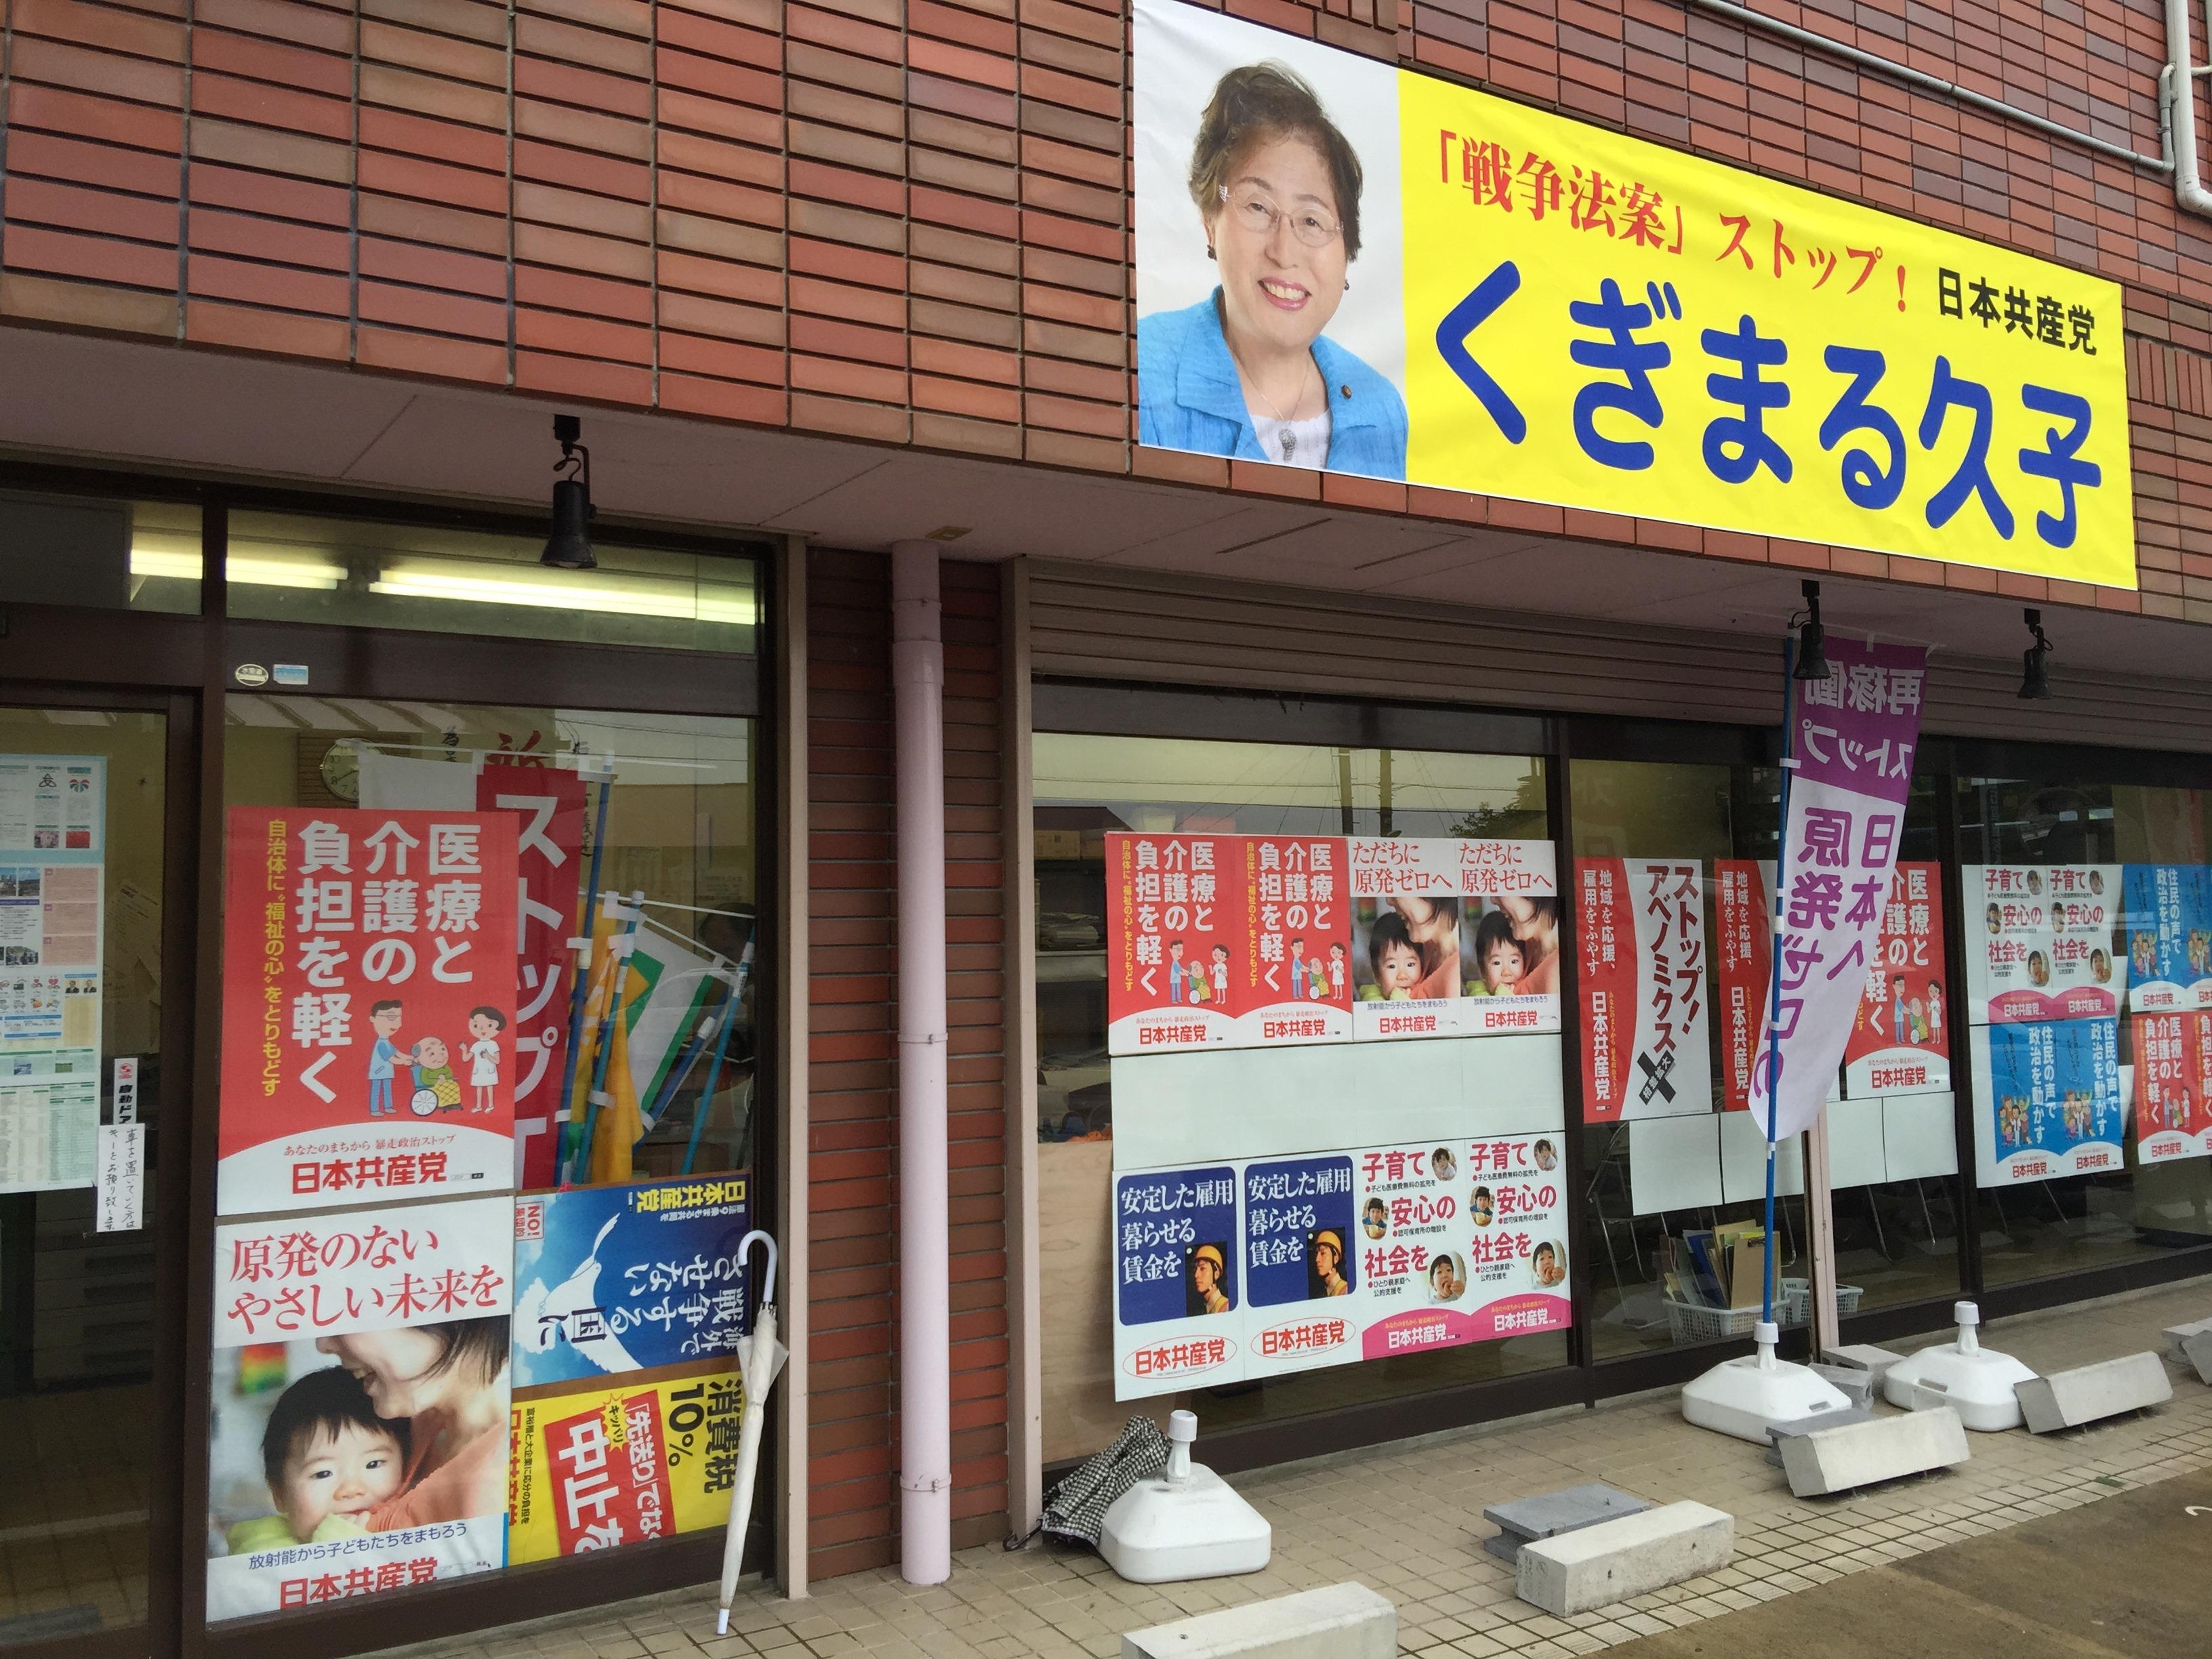 厚木 市議会 議員 選挙 2019 結果